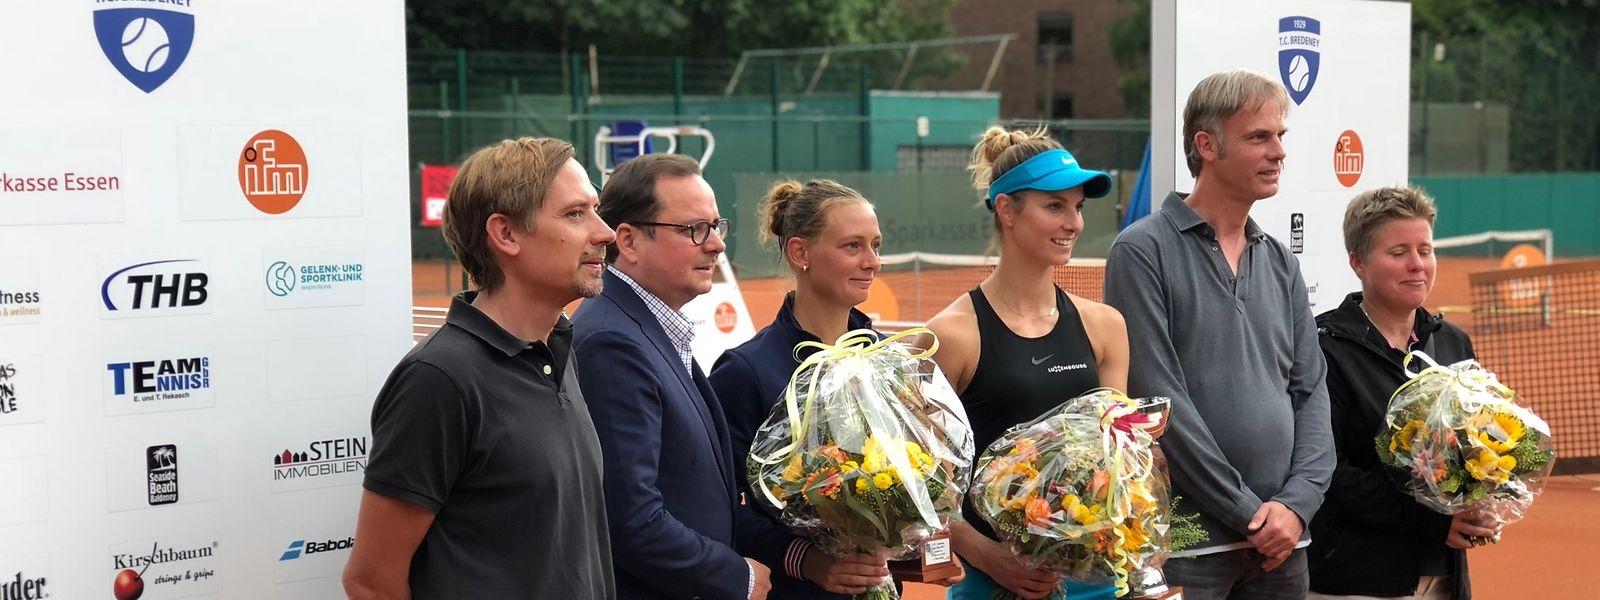 Après une finale d'anthologie remportée face à la Néerlandaise Cindy Burger, Mandy Minella a ajouté un quatorzième titre à son palmarès chez les professionnels